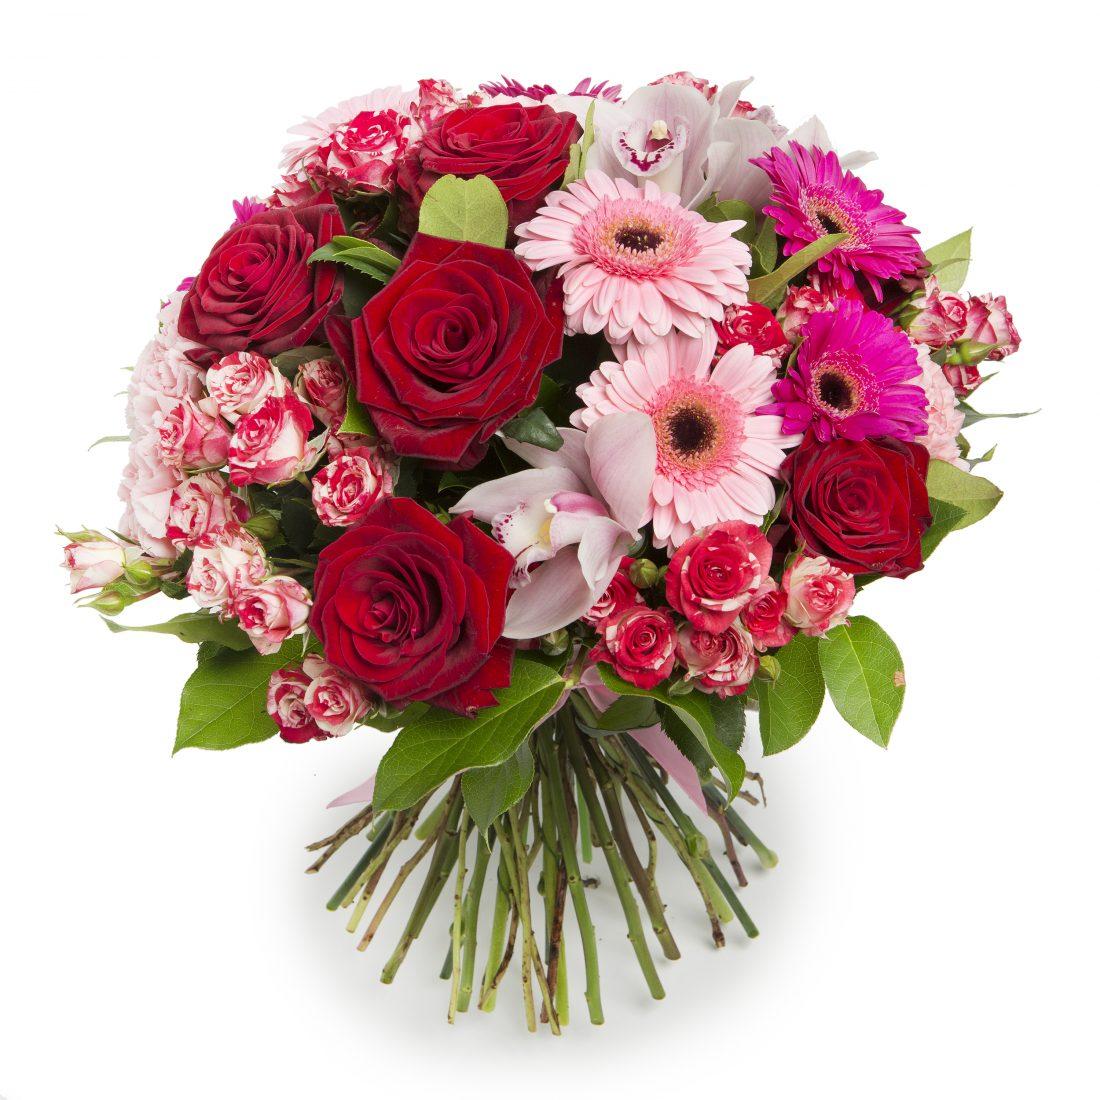 Цветы на заказ в нарве, букеты для свадьбы